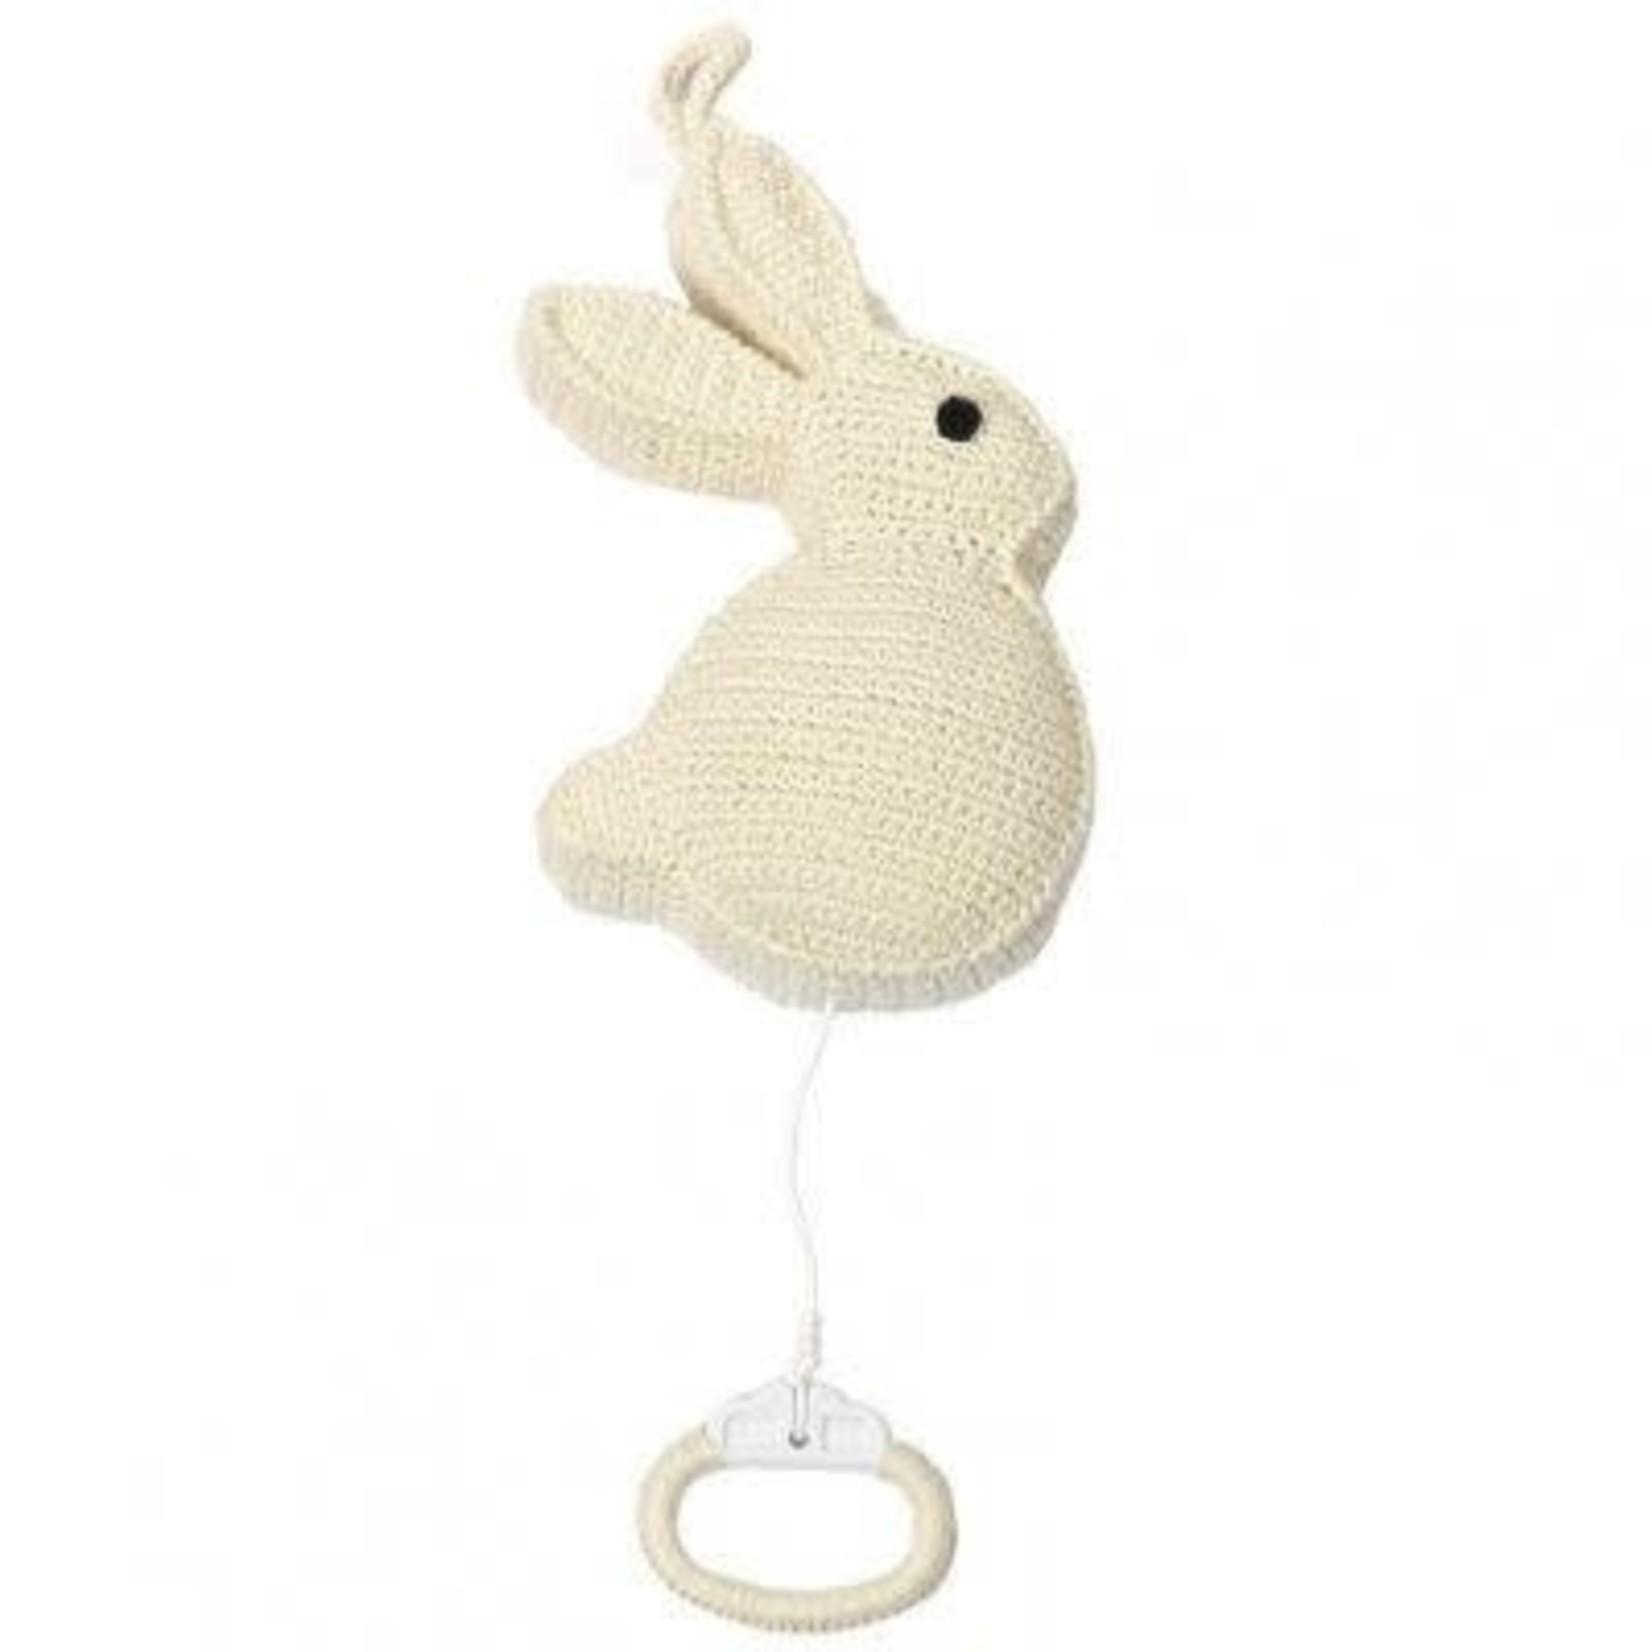 ANNE CLAIRE PETIT ACP konijn muziekmobiel